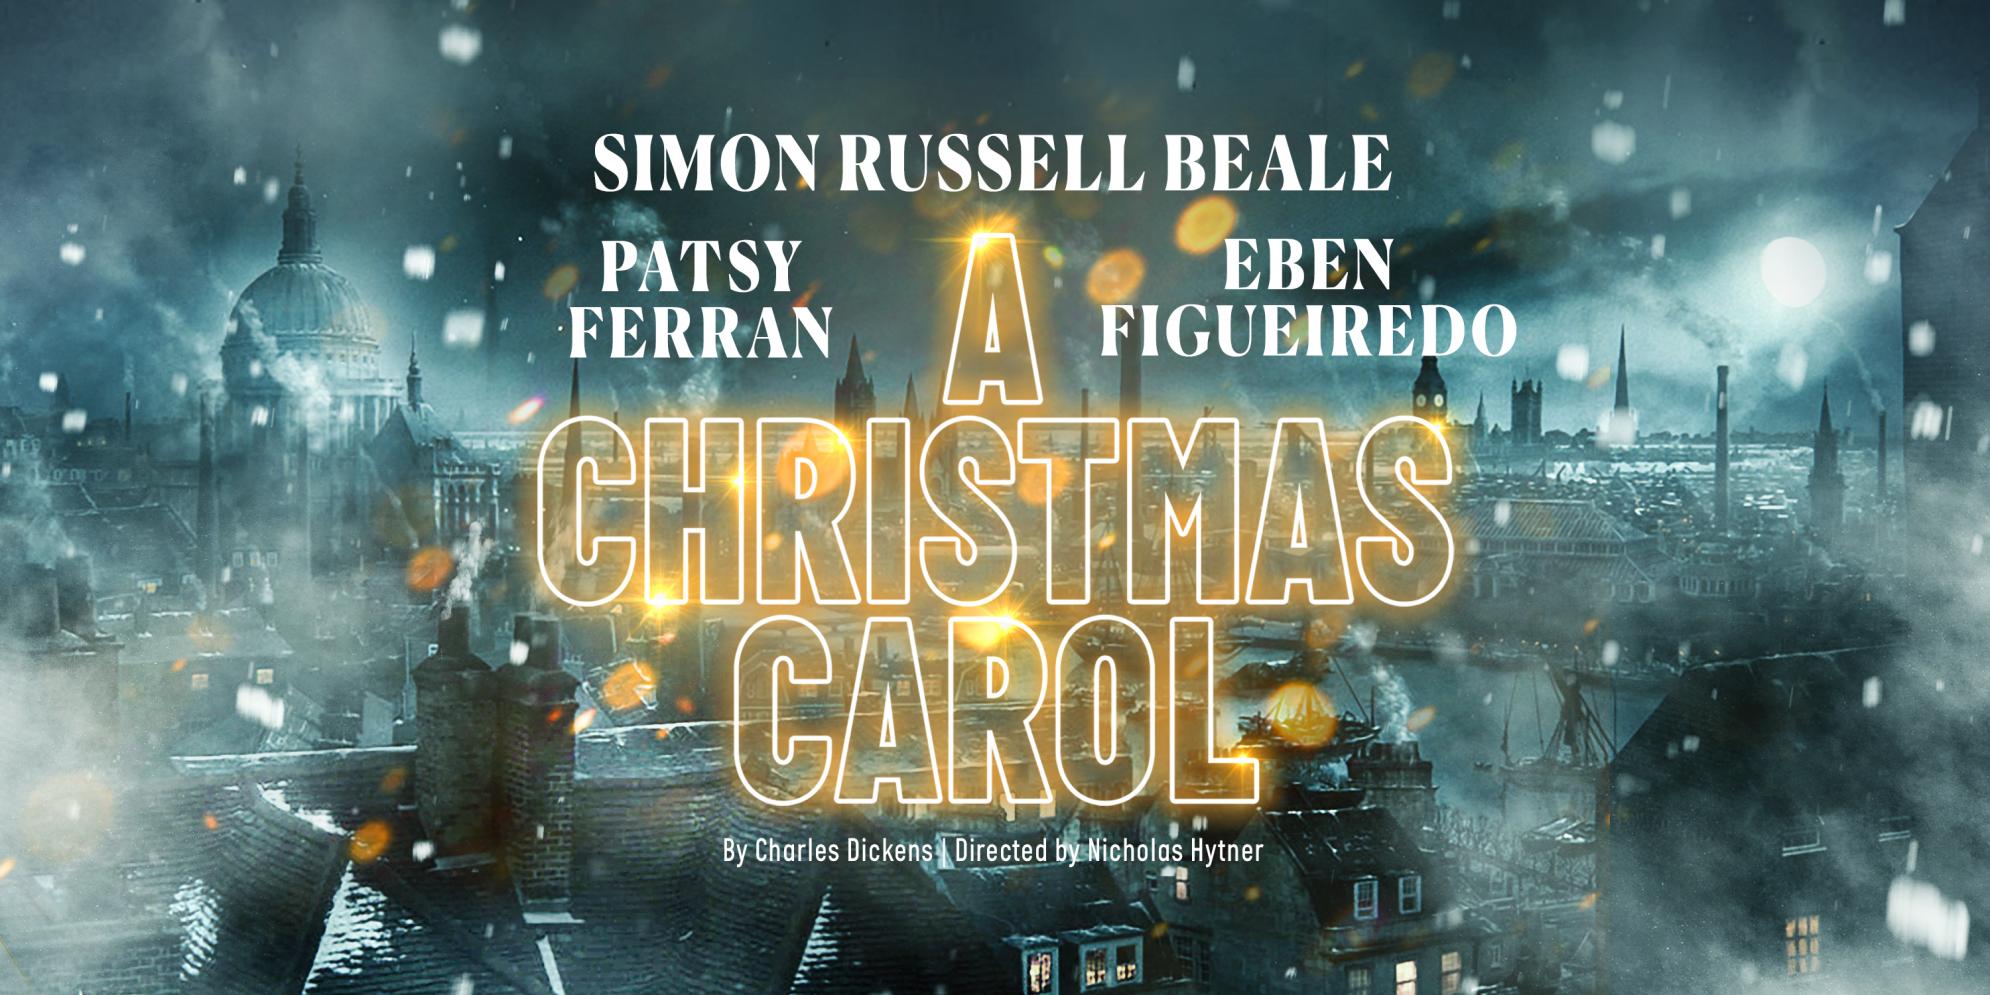 A Chrismas Carol